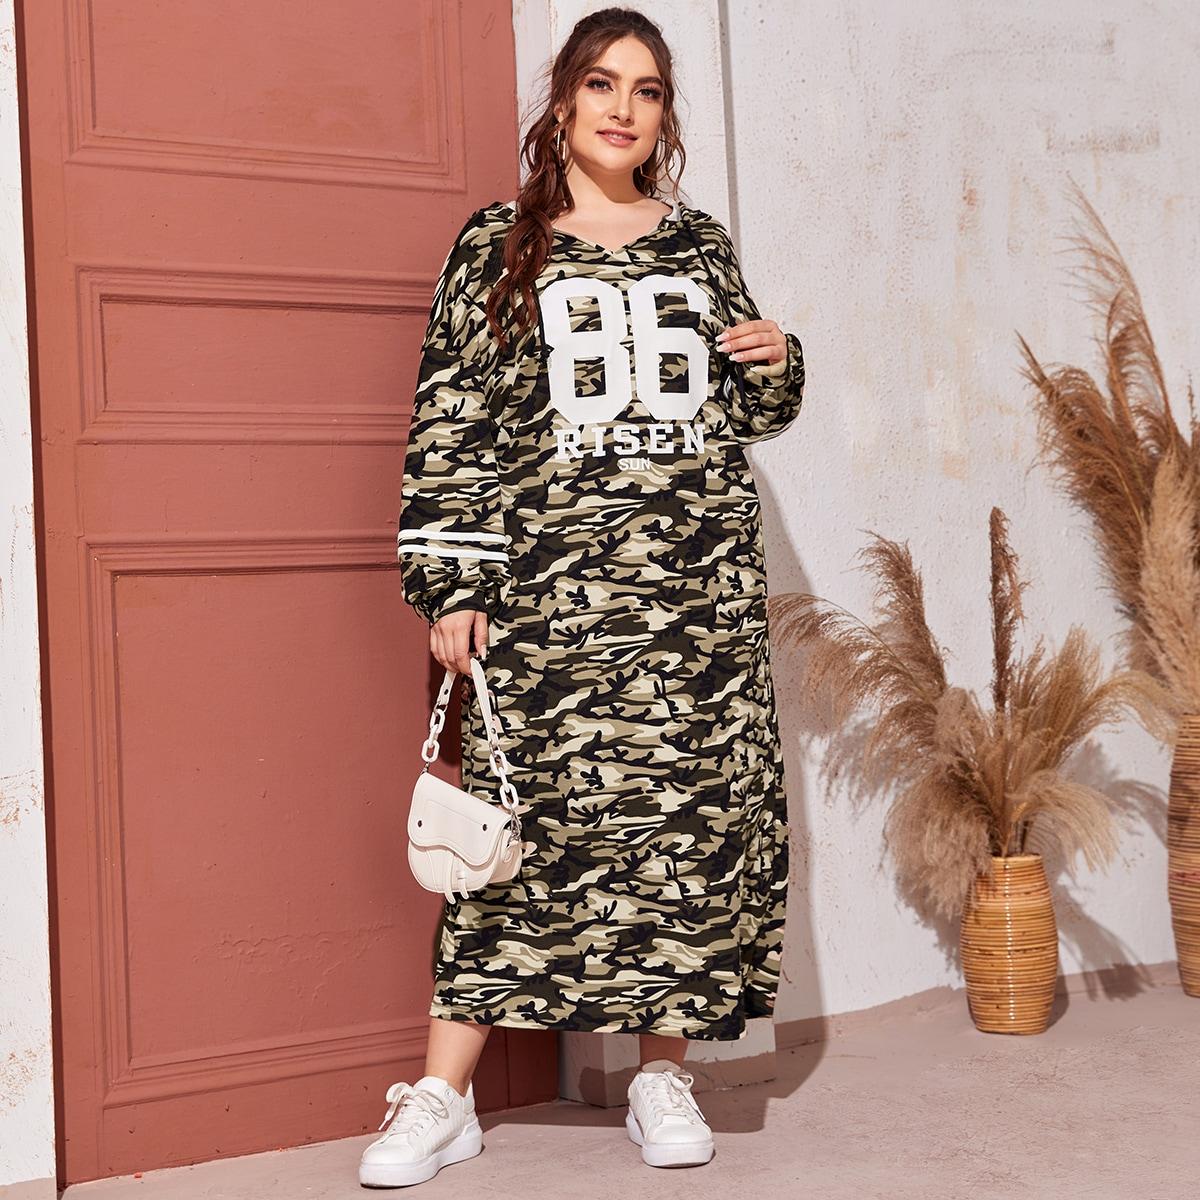 Платье размера плюс с капюшоном, камуфляжным и текстовым принтом